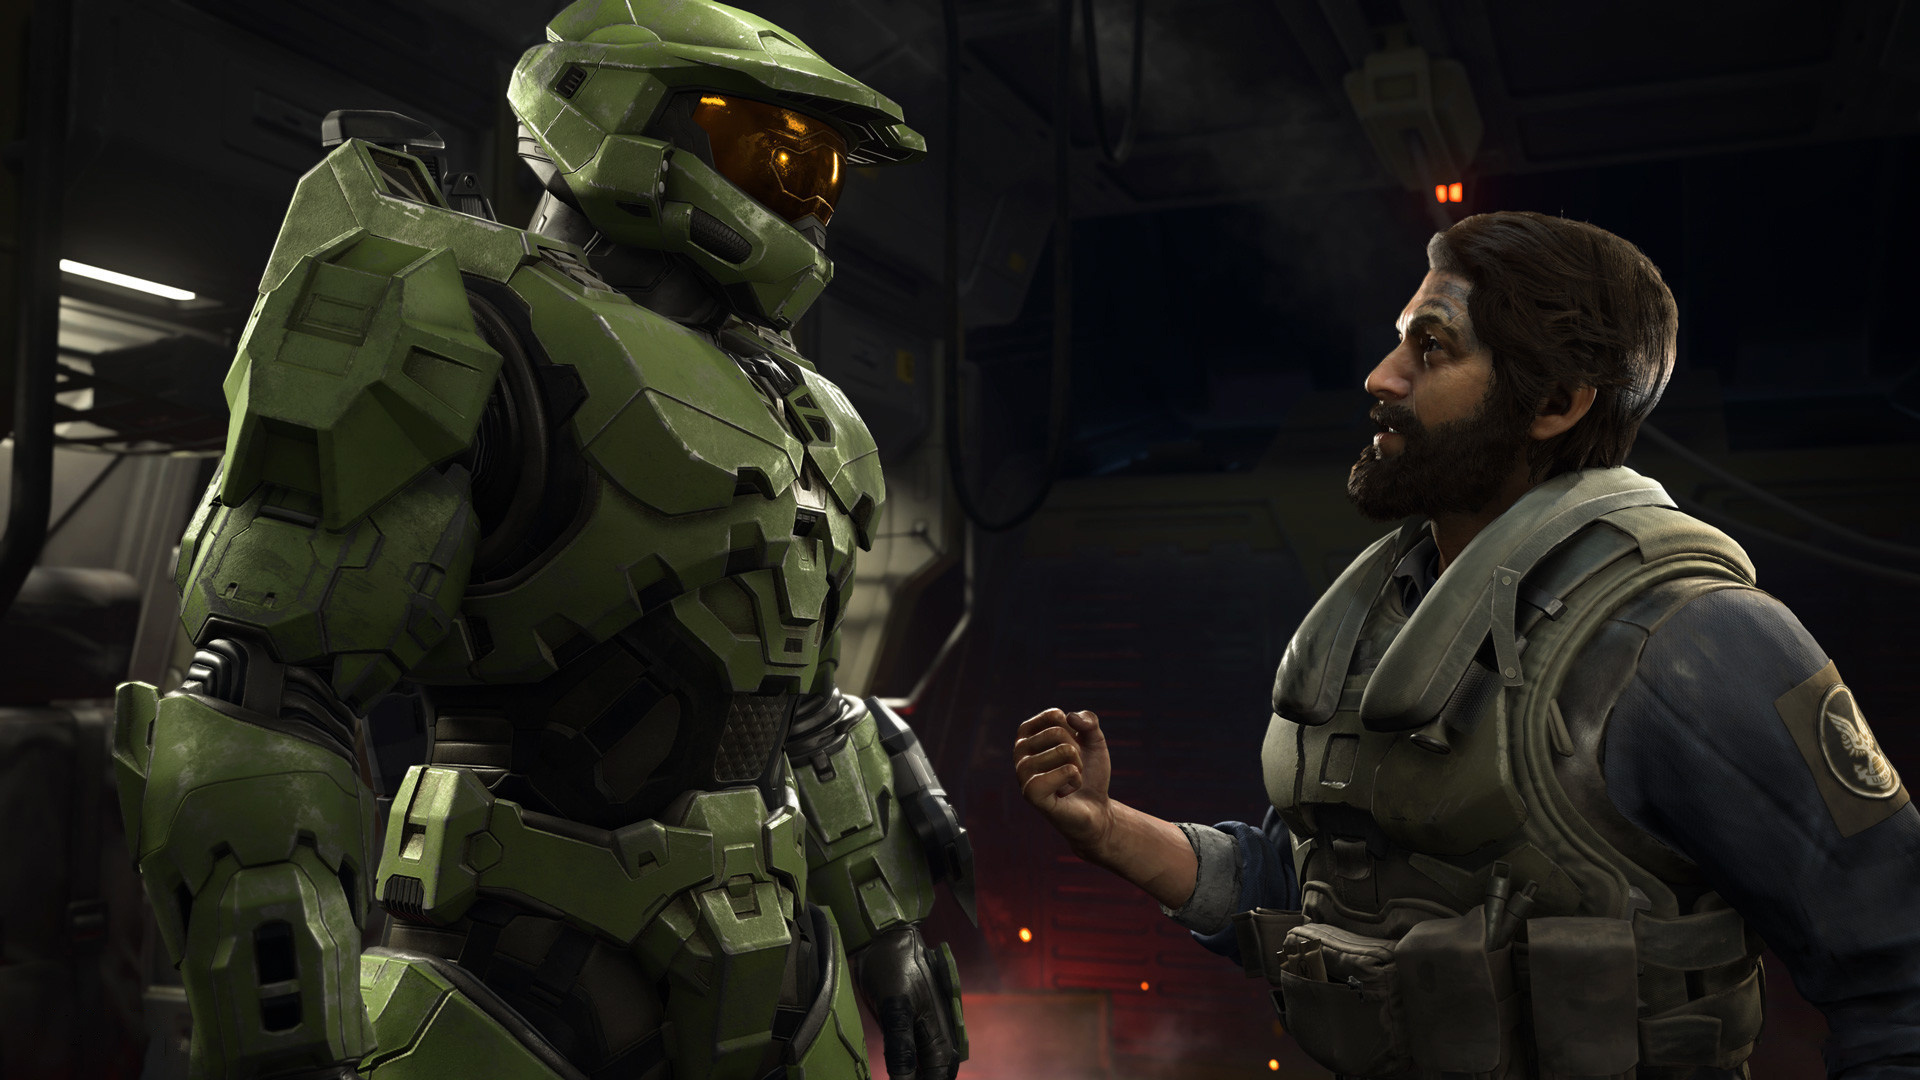 Сериал по Halo выйдет в начале 2022 года на стриминговом сервисе Paramount+